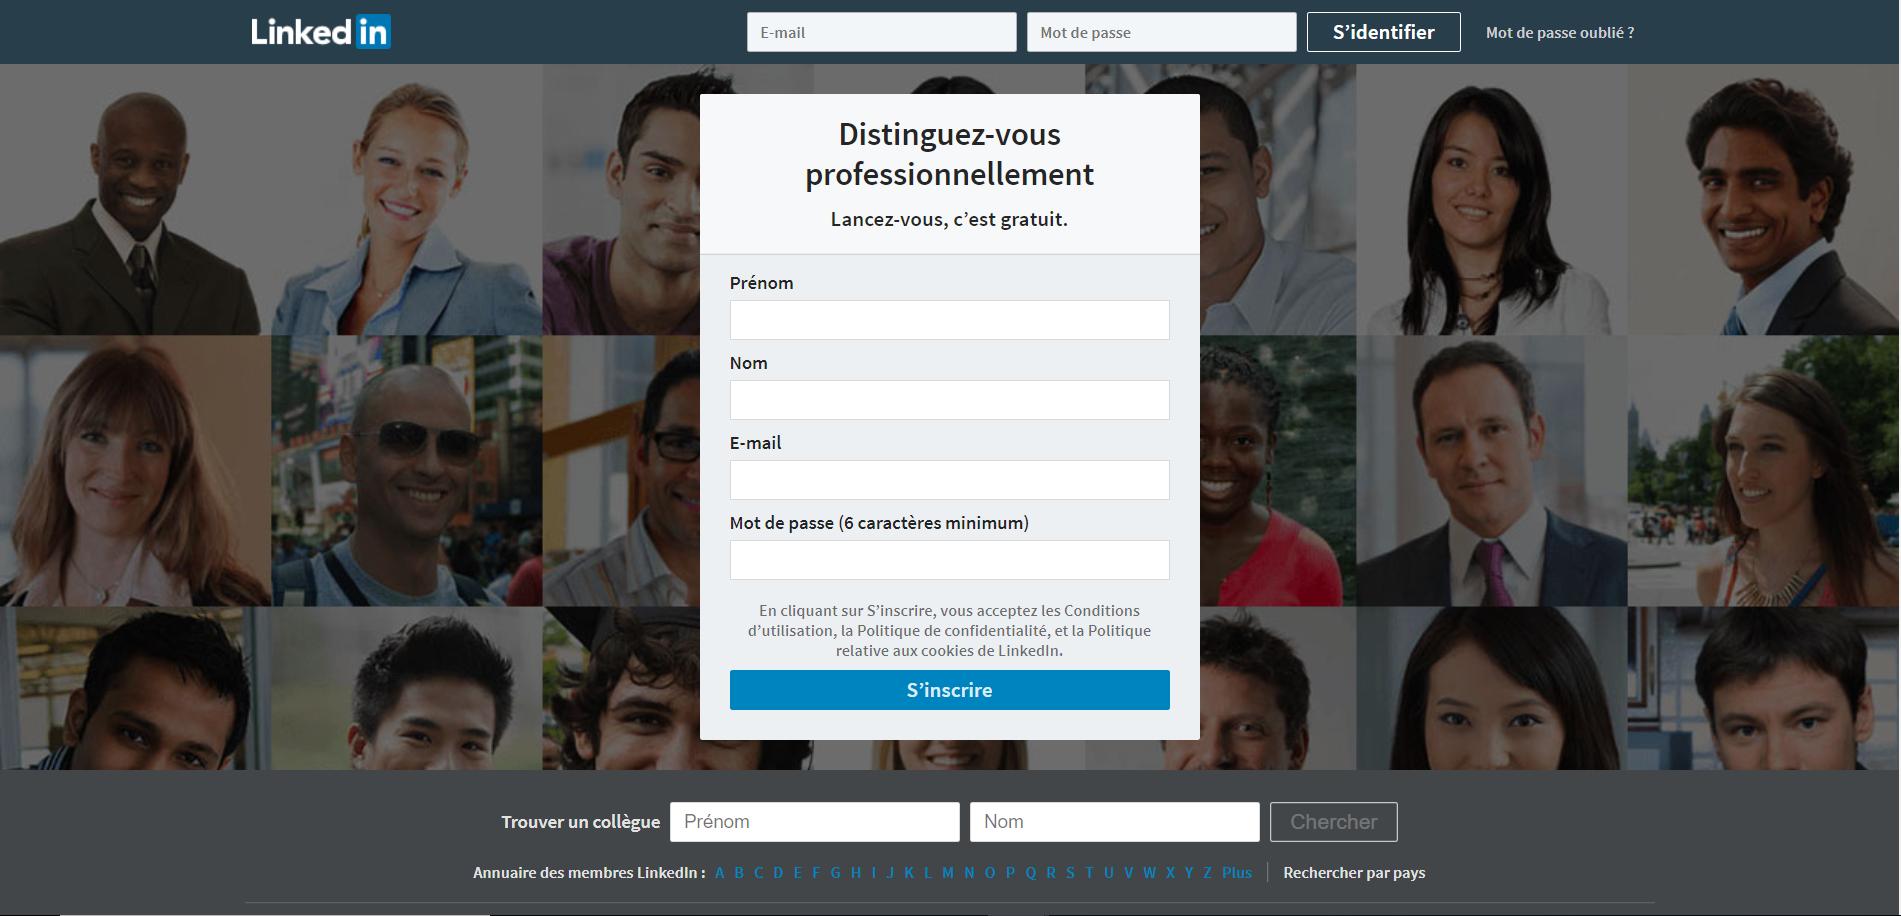 Comment démarrer un site de rencontre sans membres meilleurs intérêts de profil de rencontre